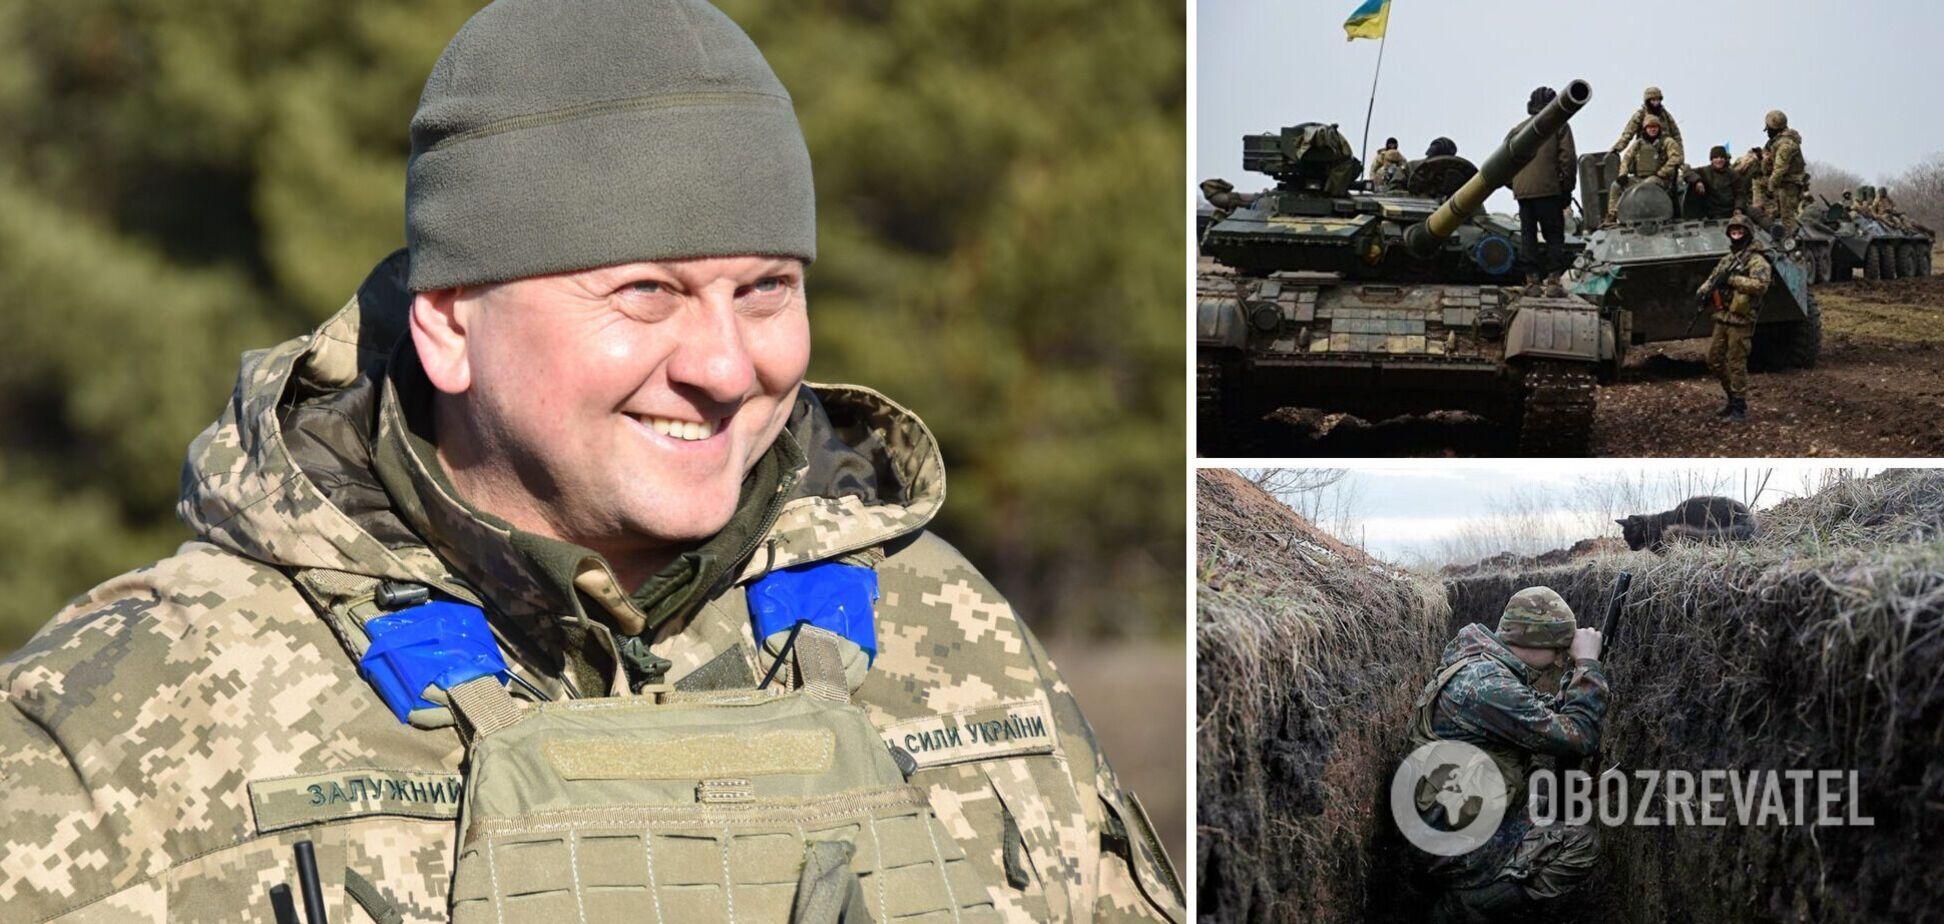 ЗСУ повинні готуватися до звільнення окупованих територій, – генерал-майор Залужний